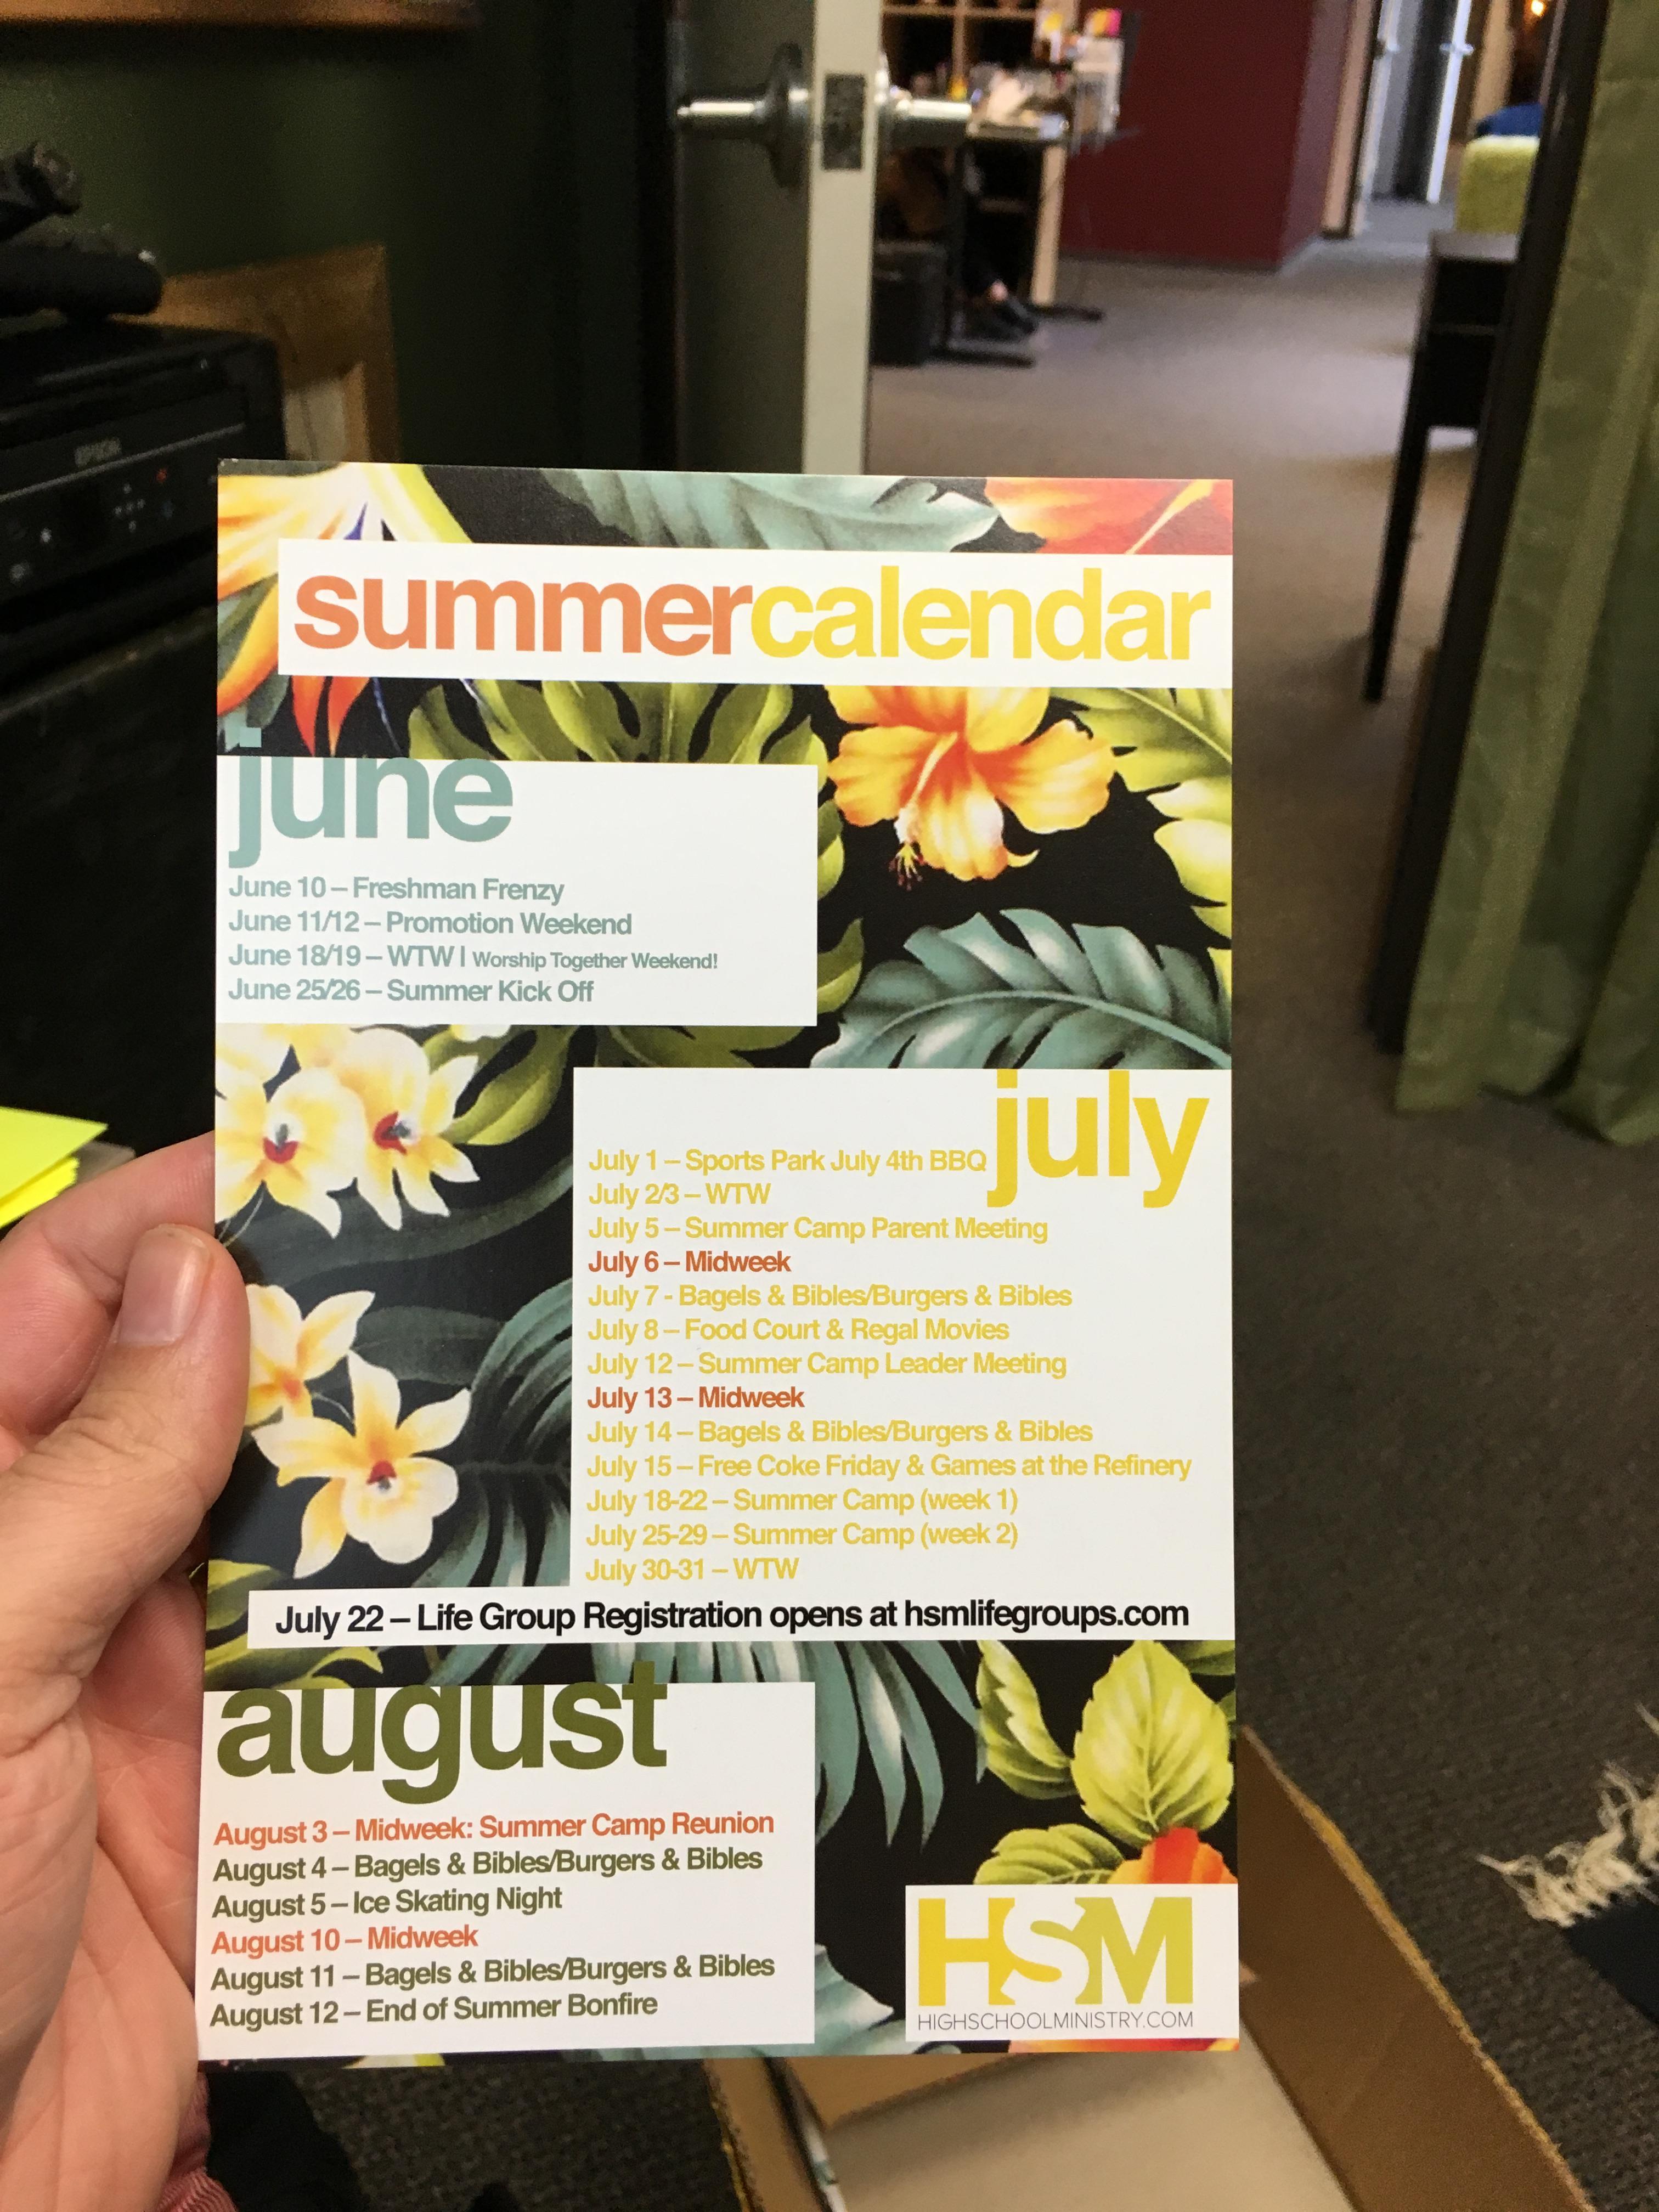 hsm_summer_calendar_2016.jpeg